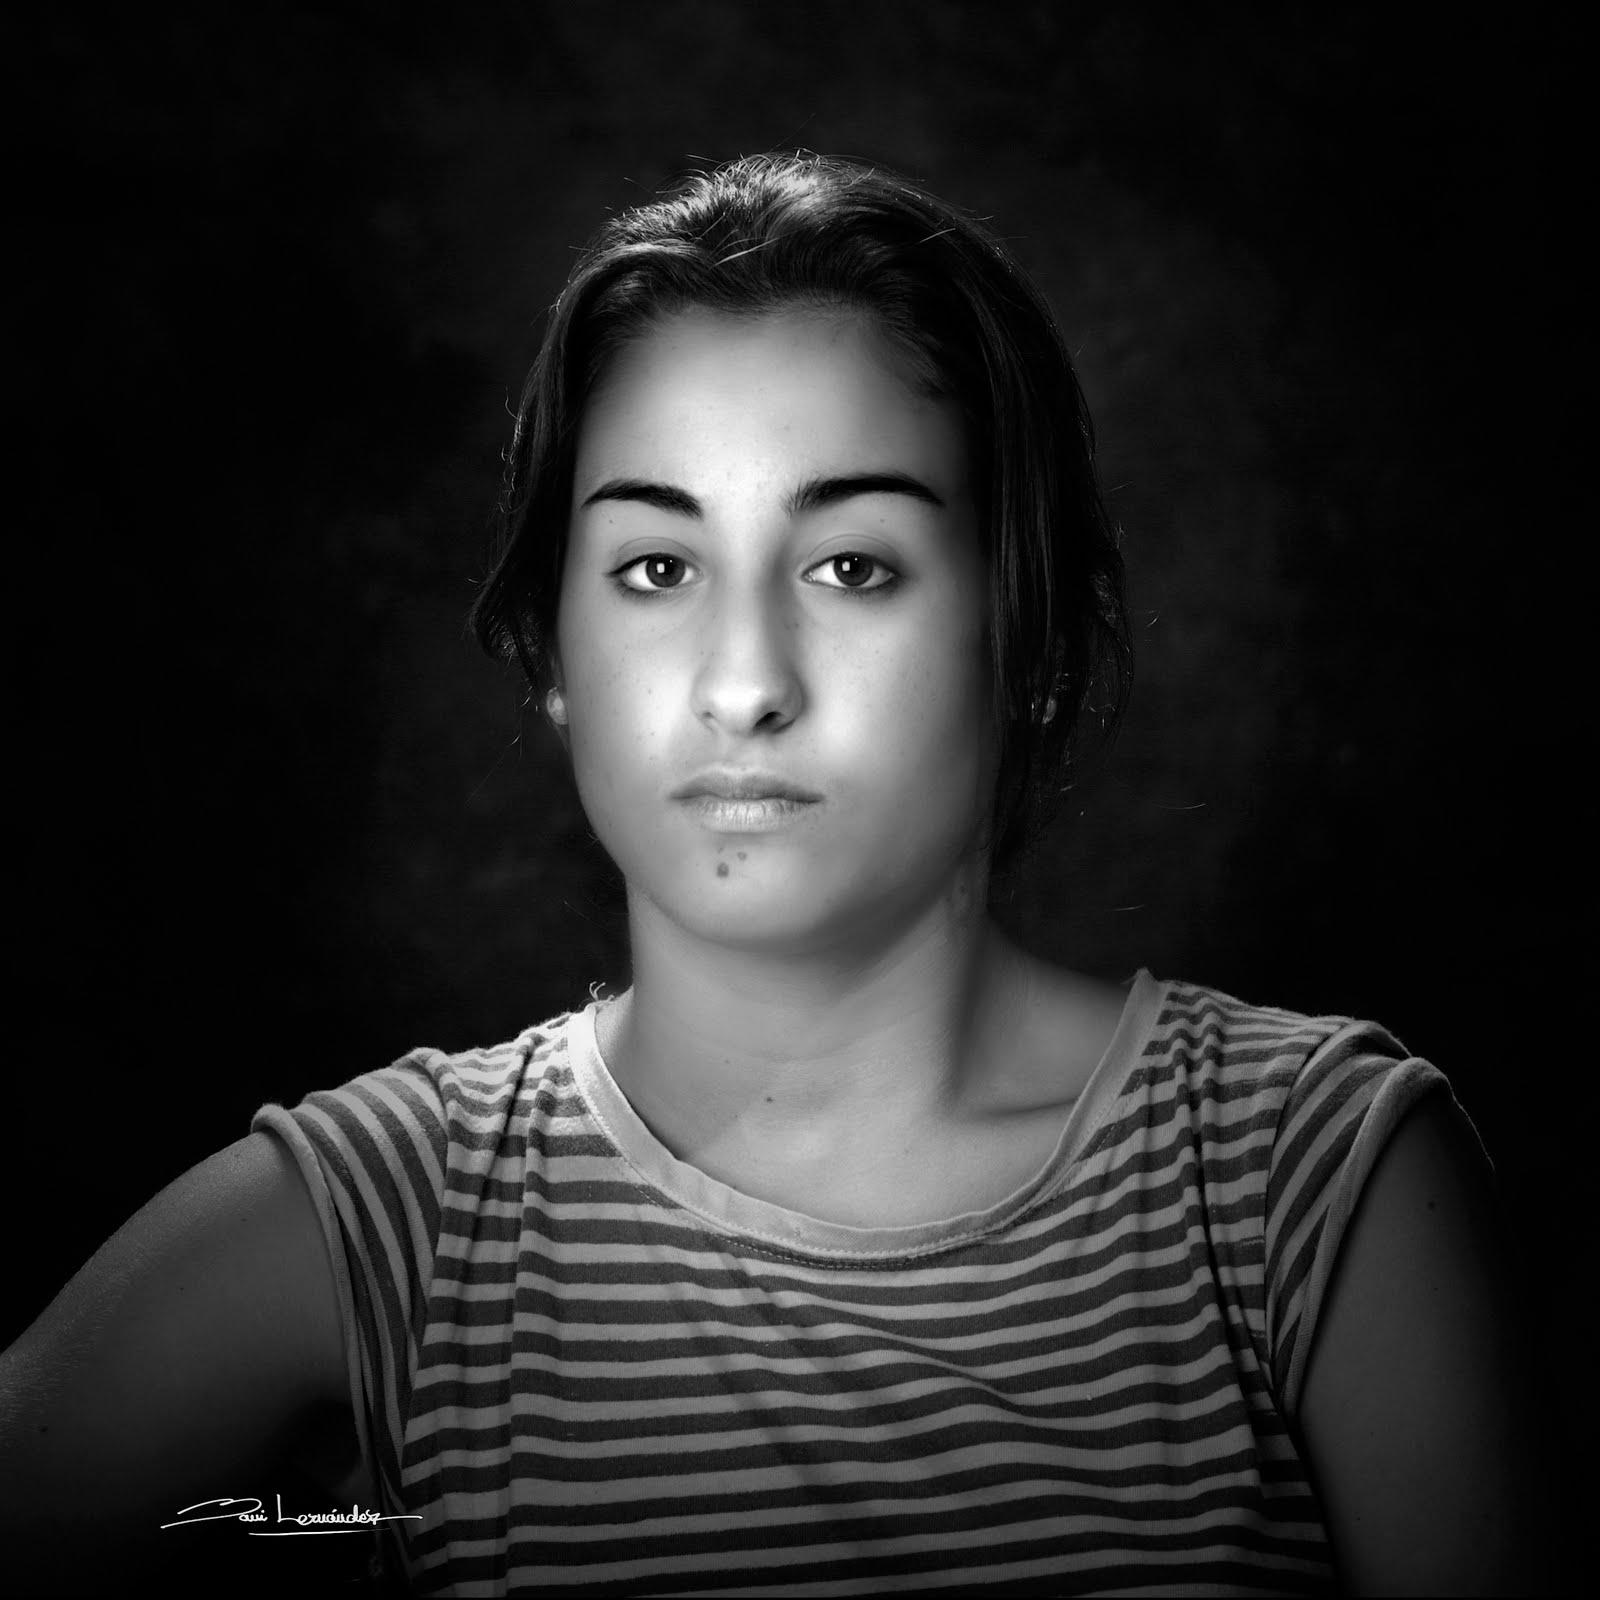 Artículos de Fotografía Digital: Iluminación de Estudio - photo#43